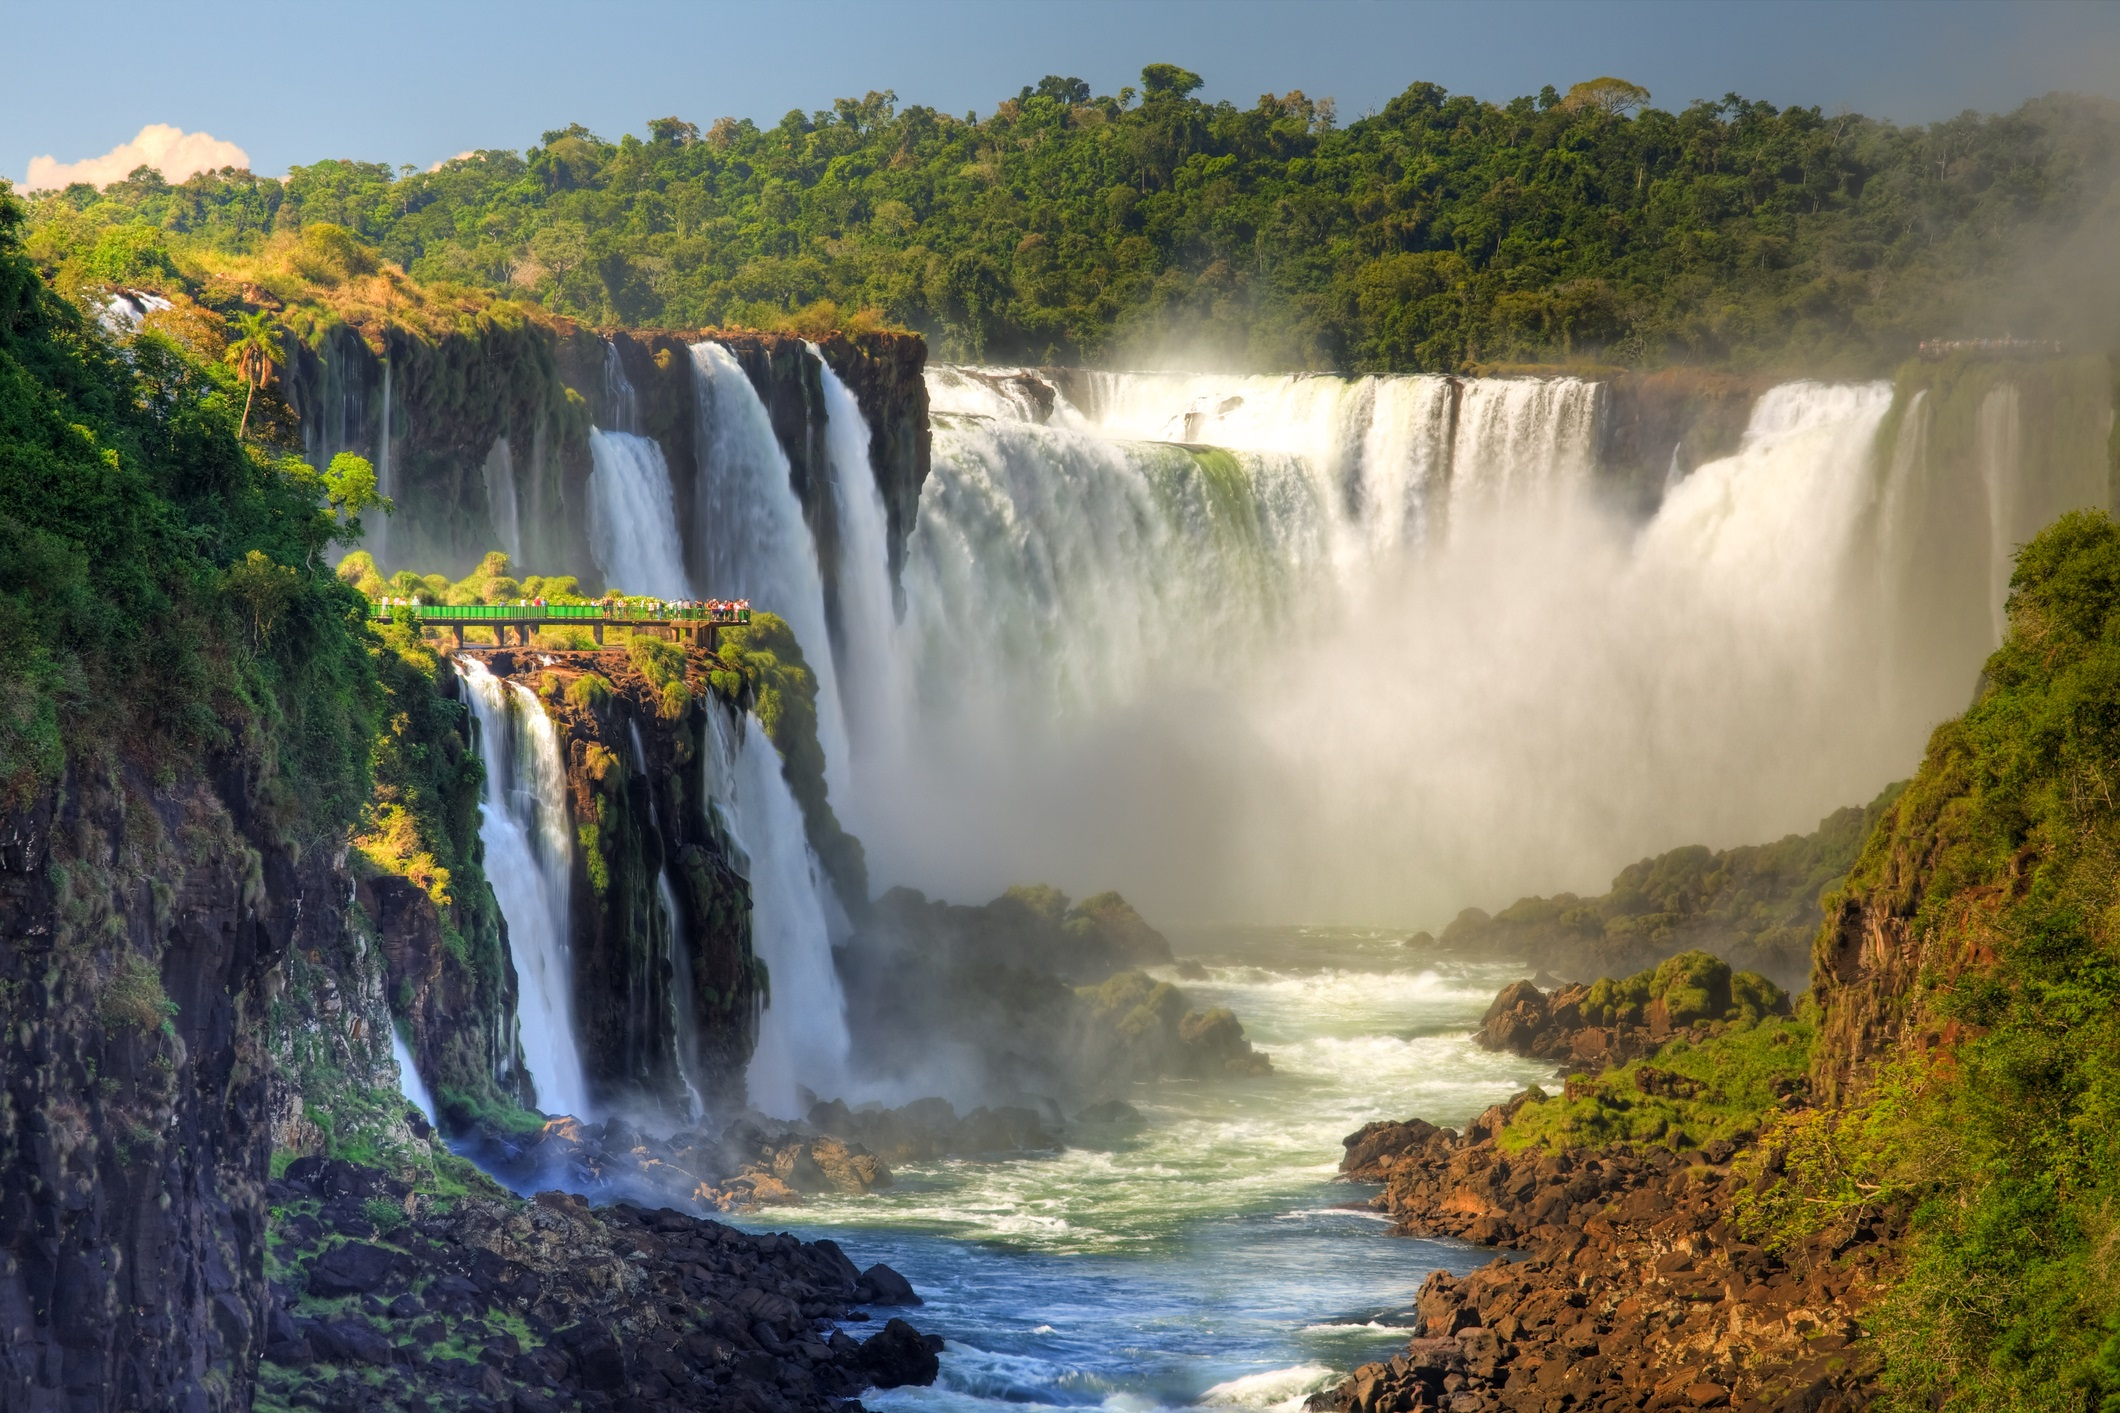 <p><strong>Игуасу, Бразилия и Аржентина</strong></p>  <p>Група от 275 водопада, носеща името Игуасу, разделят Бразилия и Аржентина. И това чудо на природата е обявено за световно културно и природно наследство. Множество пътеки водят до самите водни маси, изчезващи с оглушителен грохот в бездна с размери 700 на 150 метра.</p>